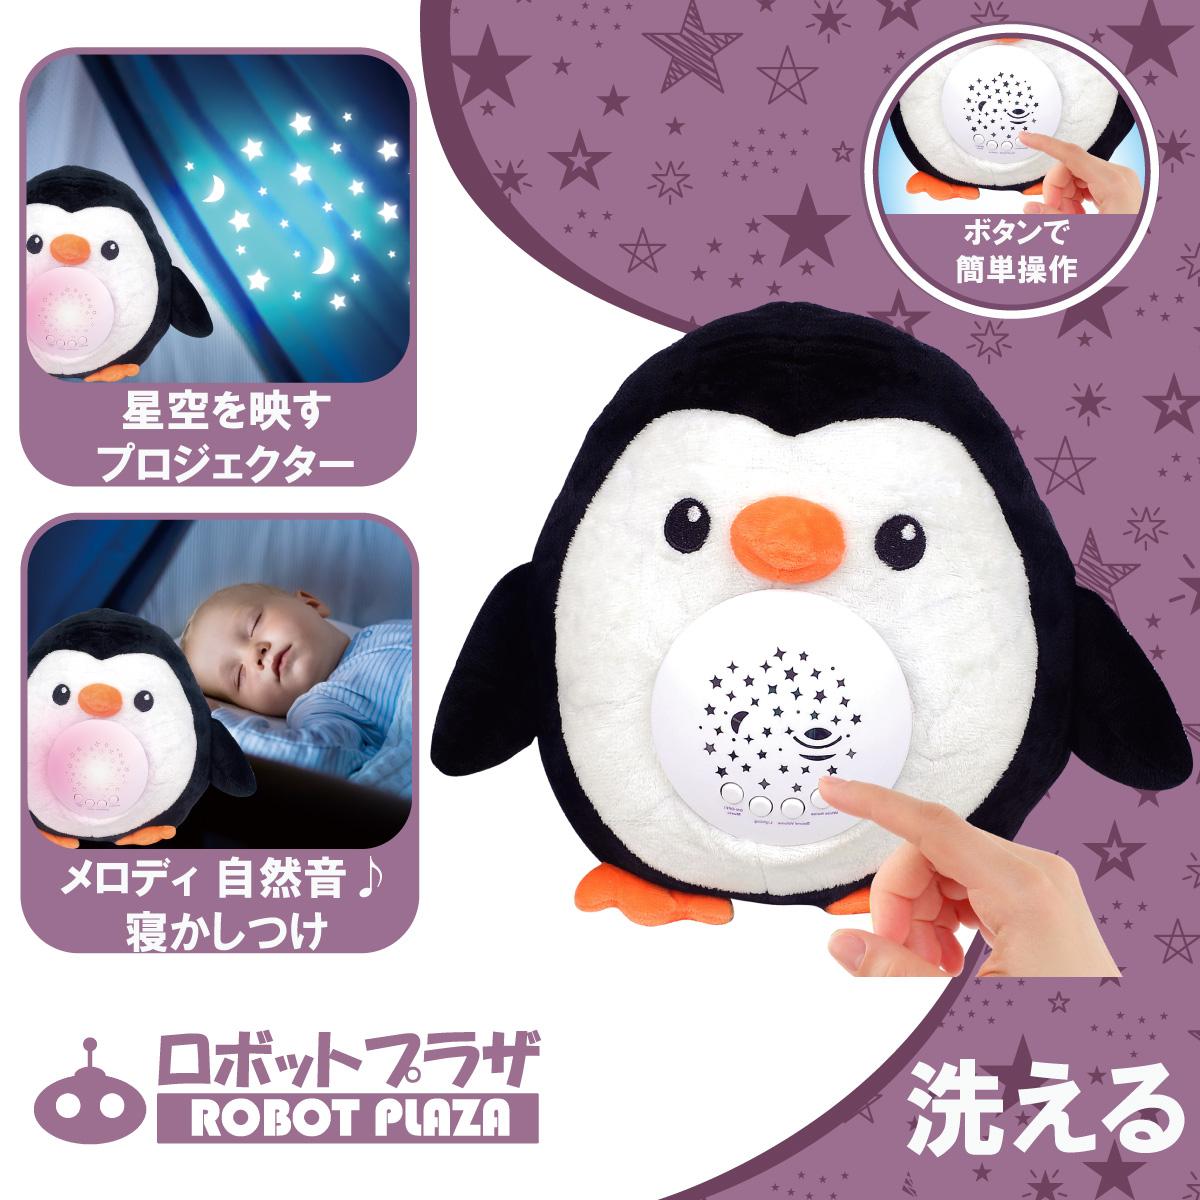 寝かしつけ ぬいぐるみ おもちゃ プラネタリウム機能、メロディー豊富で自然音や心音もあります。しかも洗える!